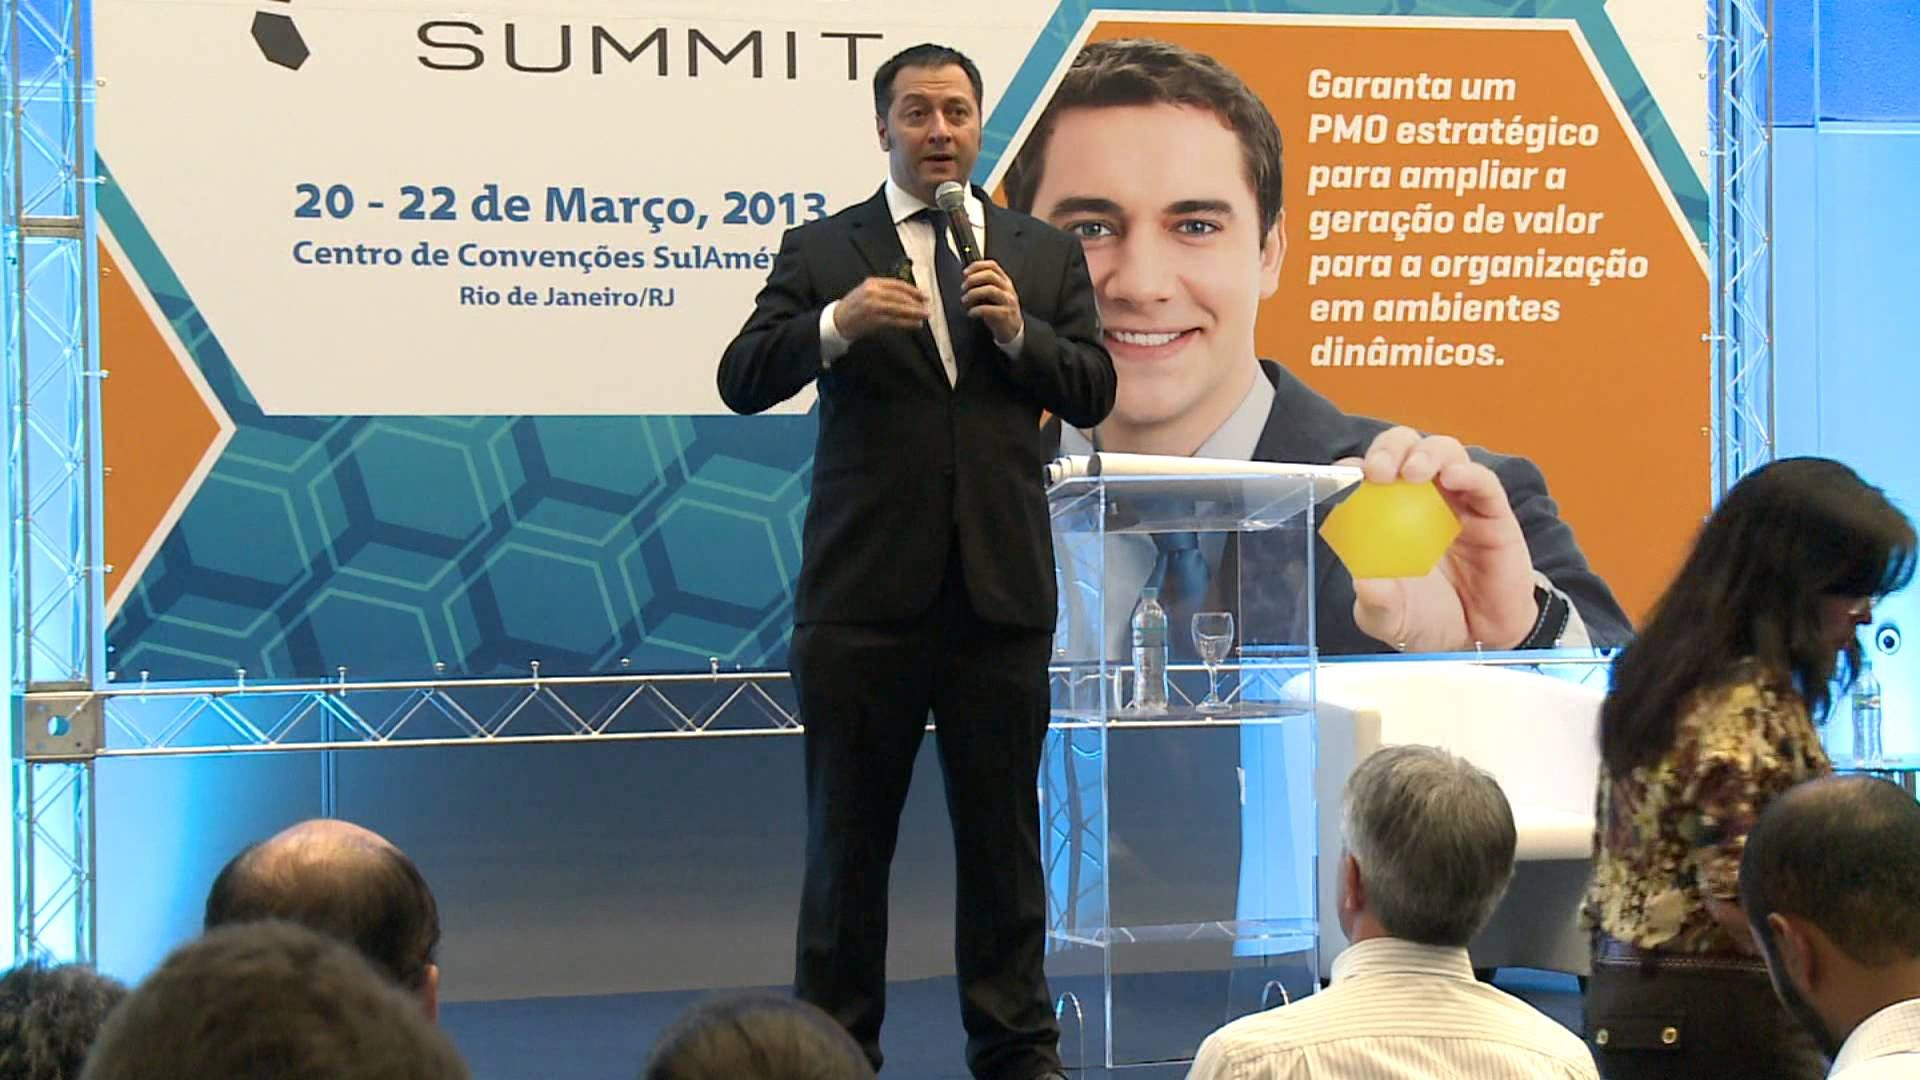 Gerenciamento de PORTFOLIO usando Project Model Canvas - PMO Summit